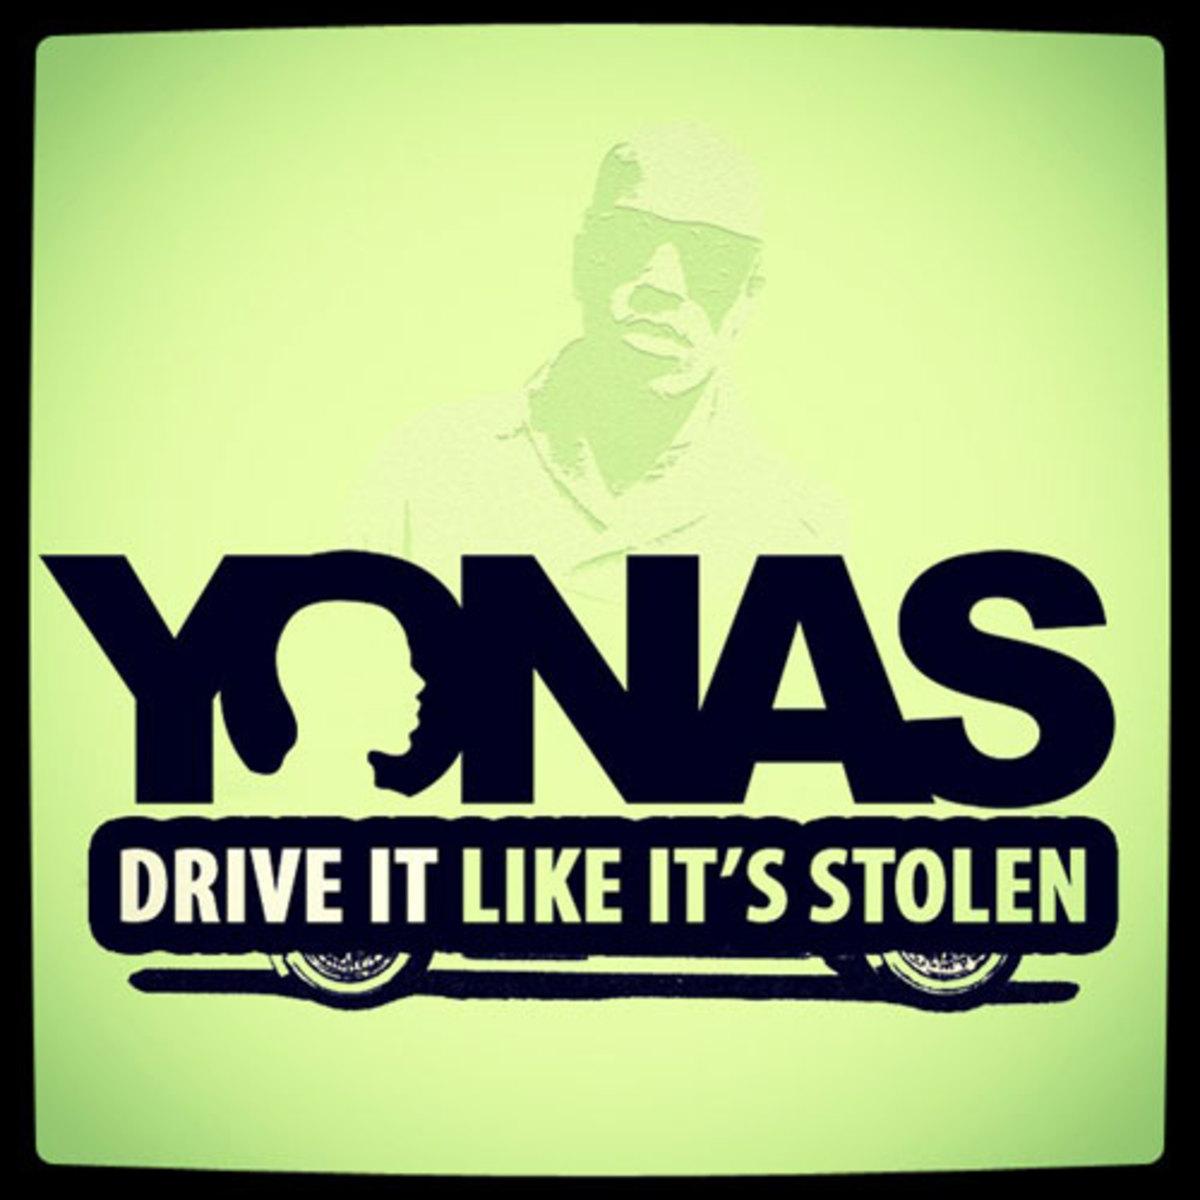 yonas-driveit.jpg